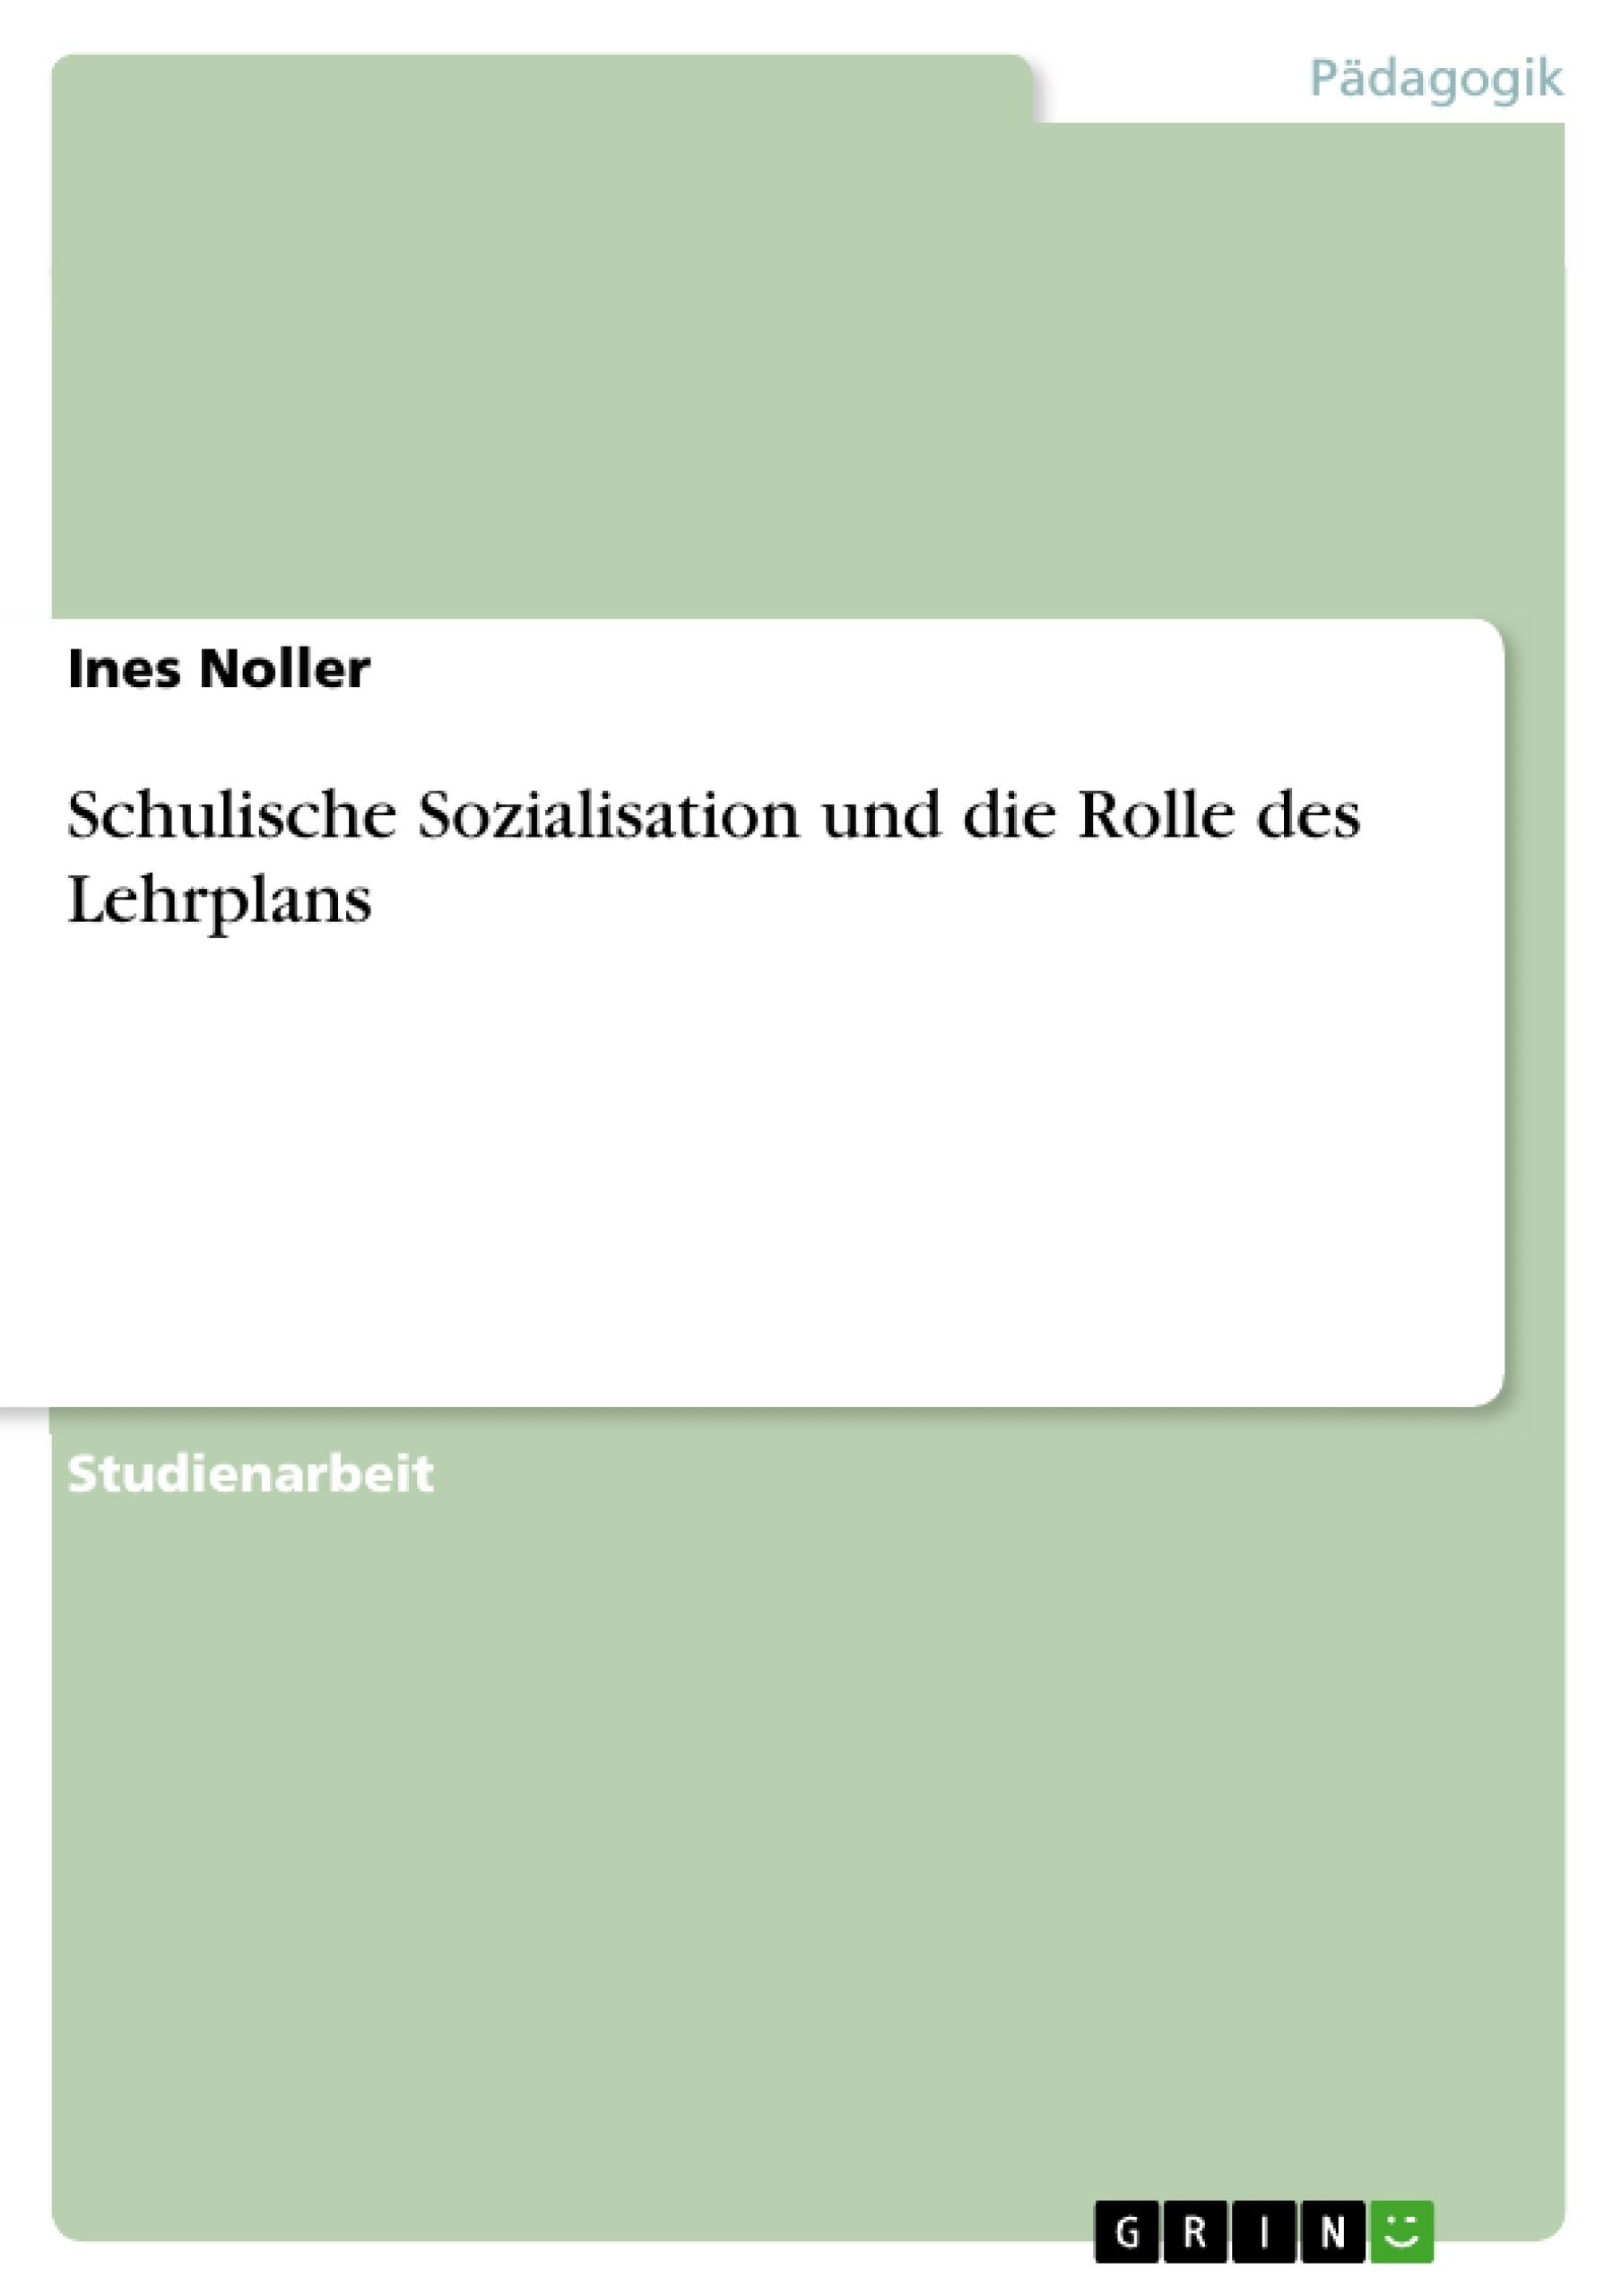 Titel: Schulische Sozialisation und die Rolle des Lehrplans